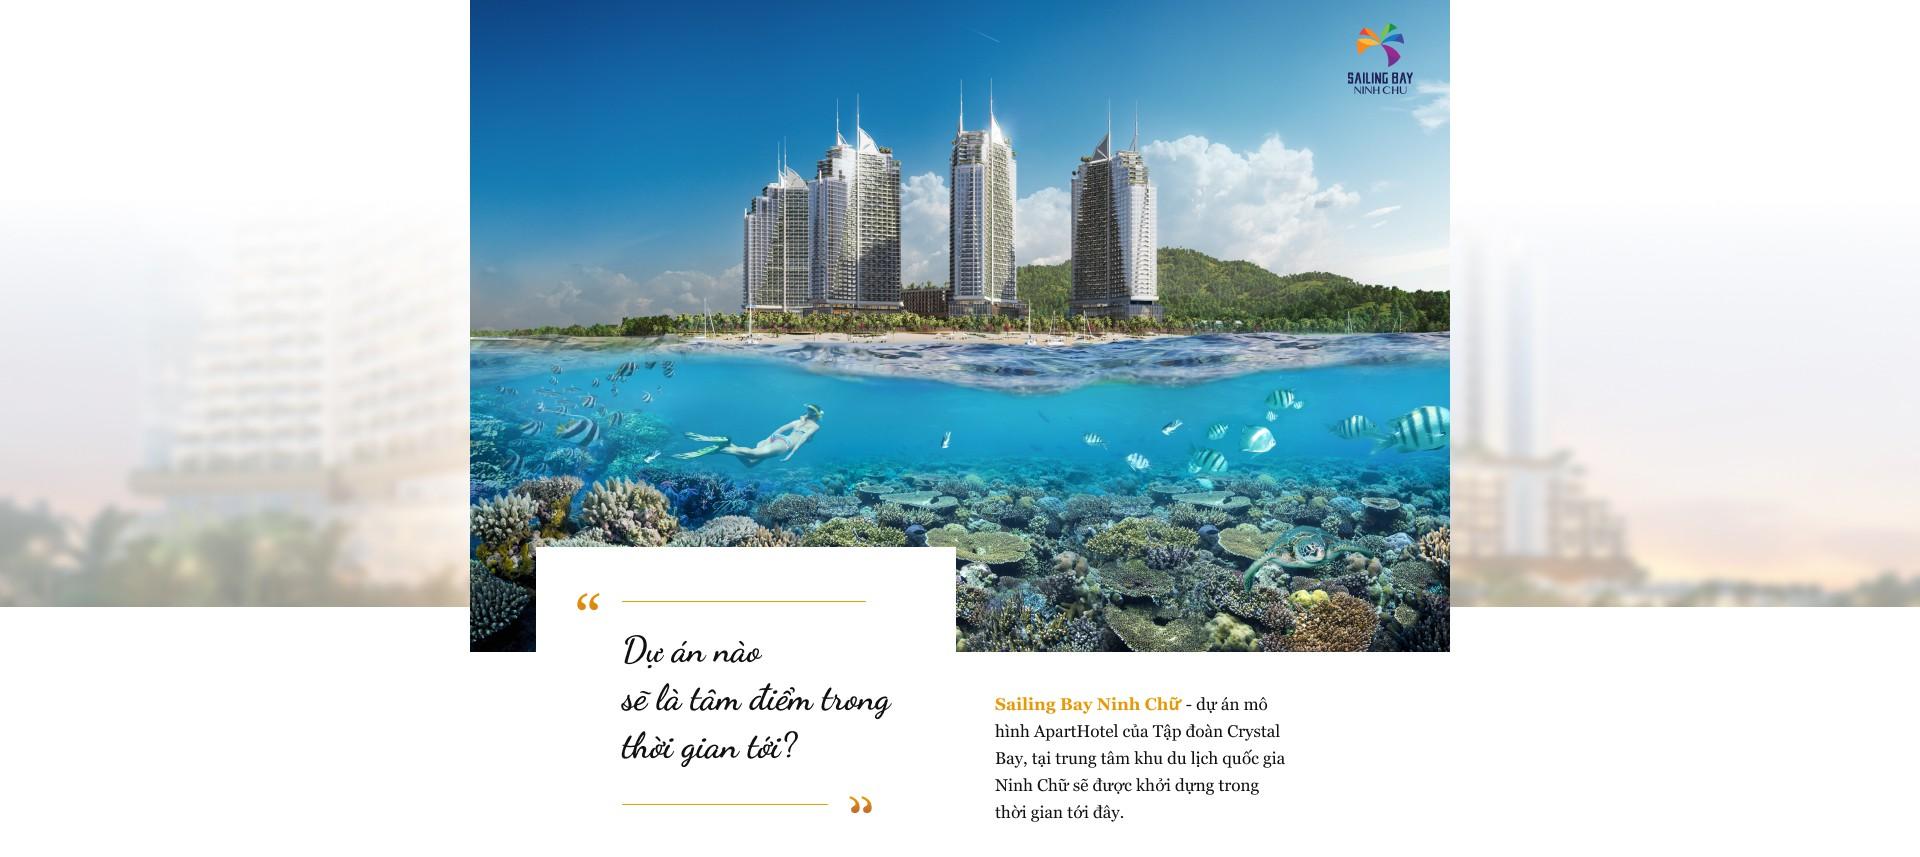 Vùng đất mới nâng tầm bất động sản du lịch - Ảnh 8.